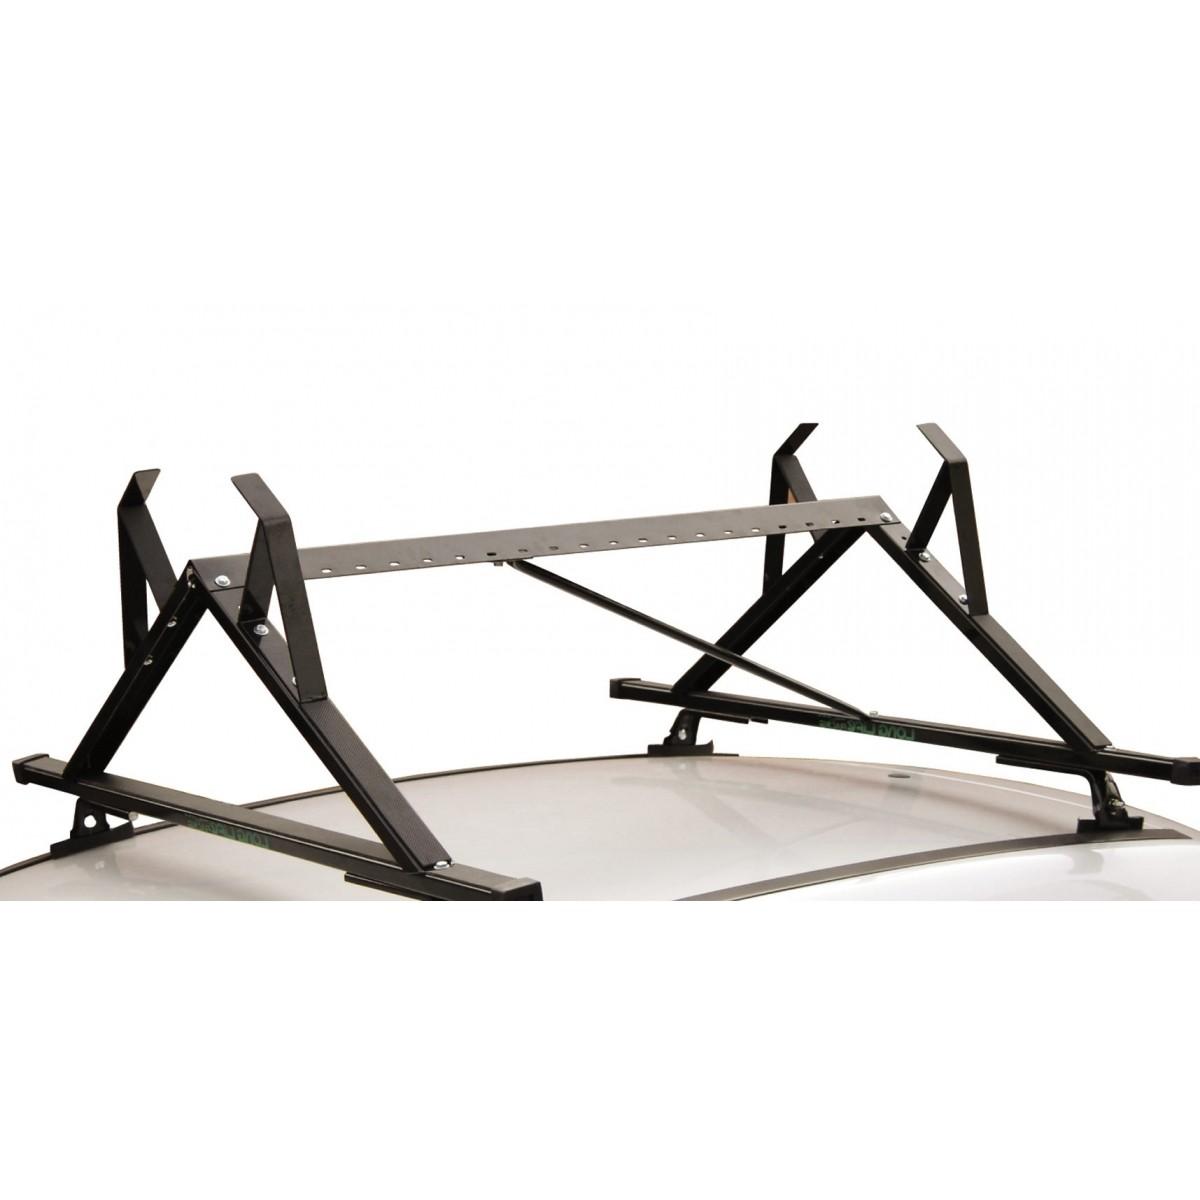 Kit Rack Longlife + Porta Escadas Fiat Uno 4 Portas